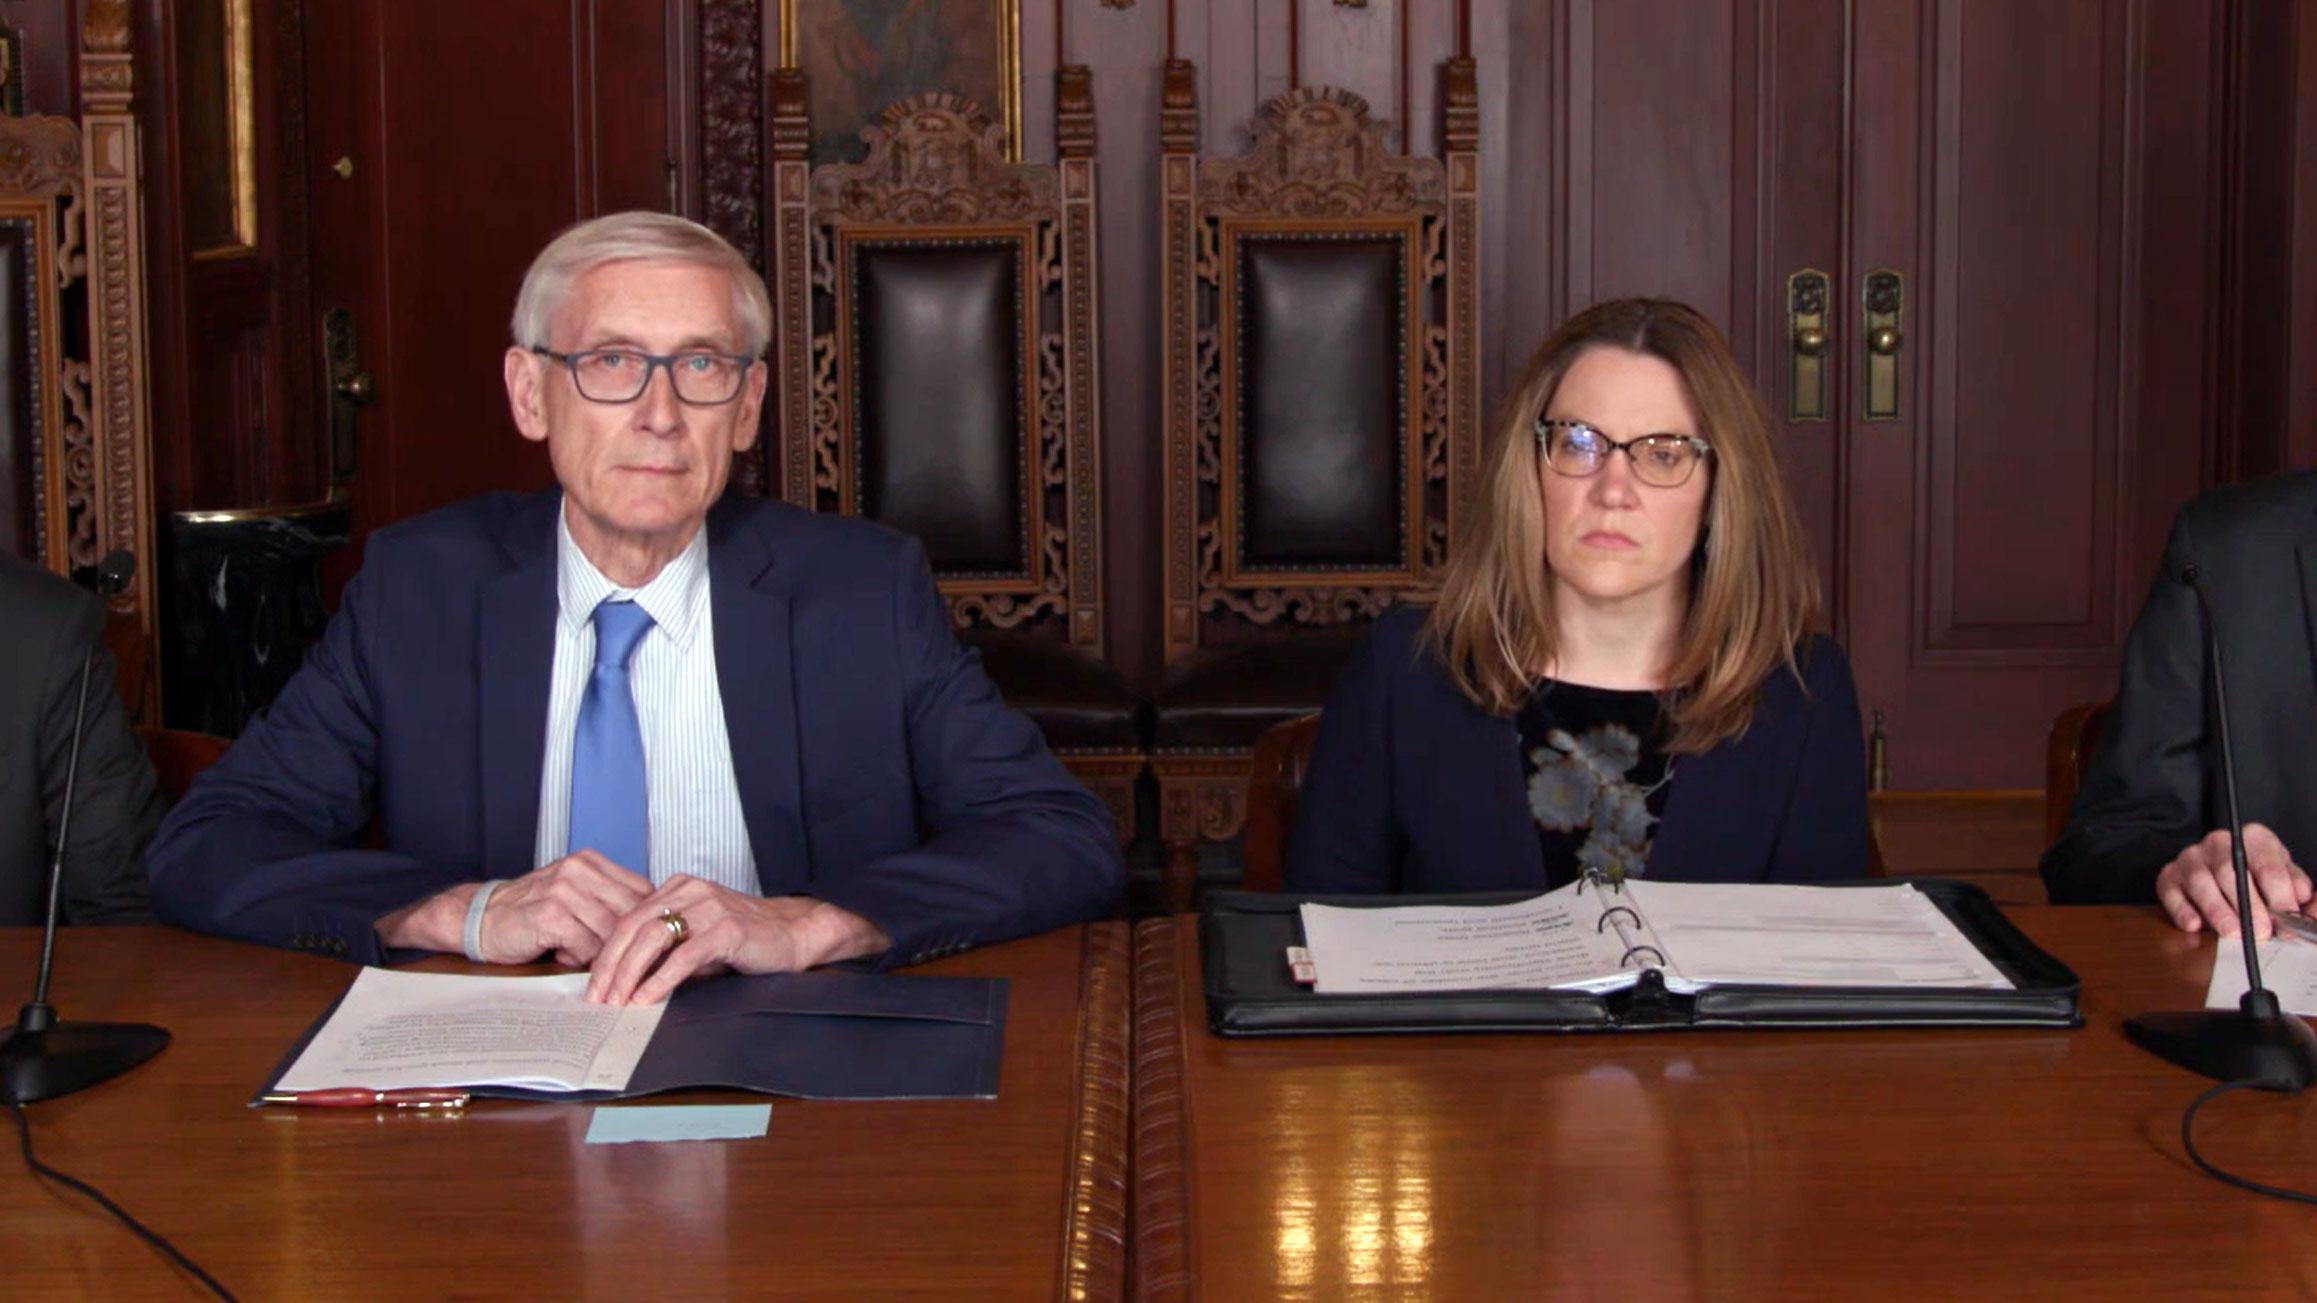 Gov. Tony Evers and Sec.-des. Andrea Palm